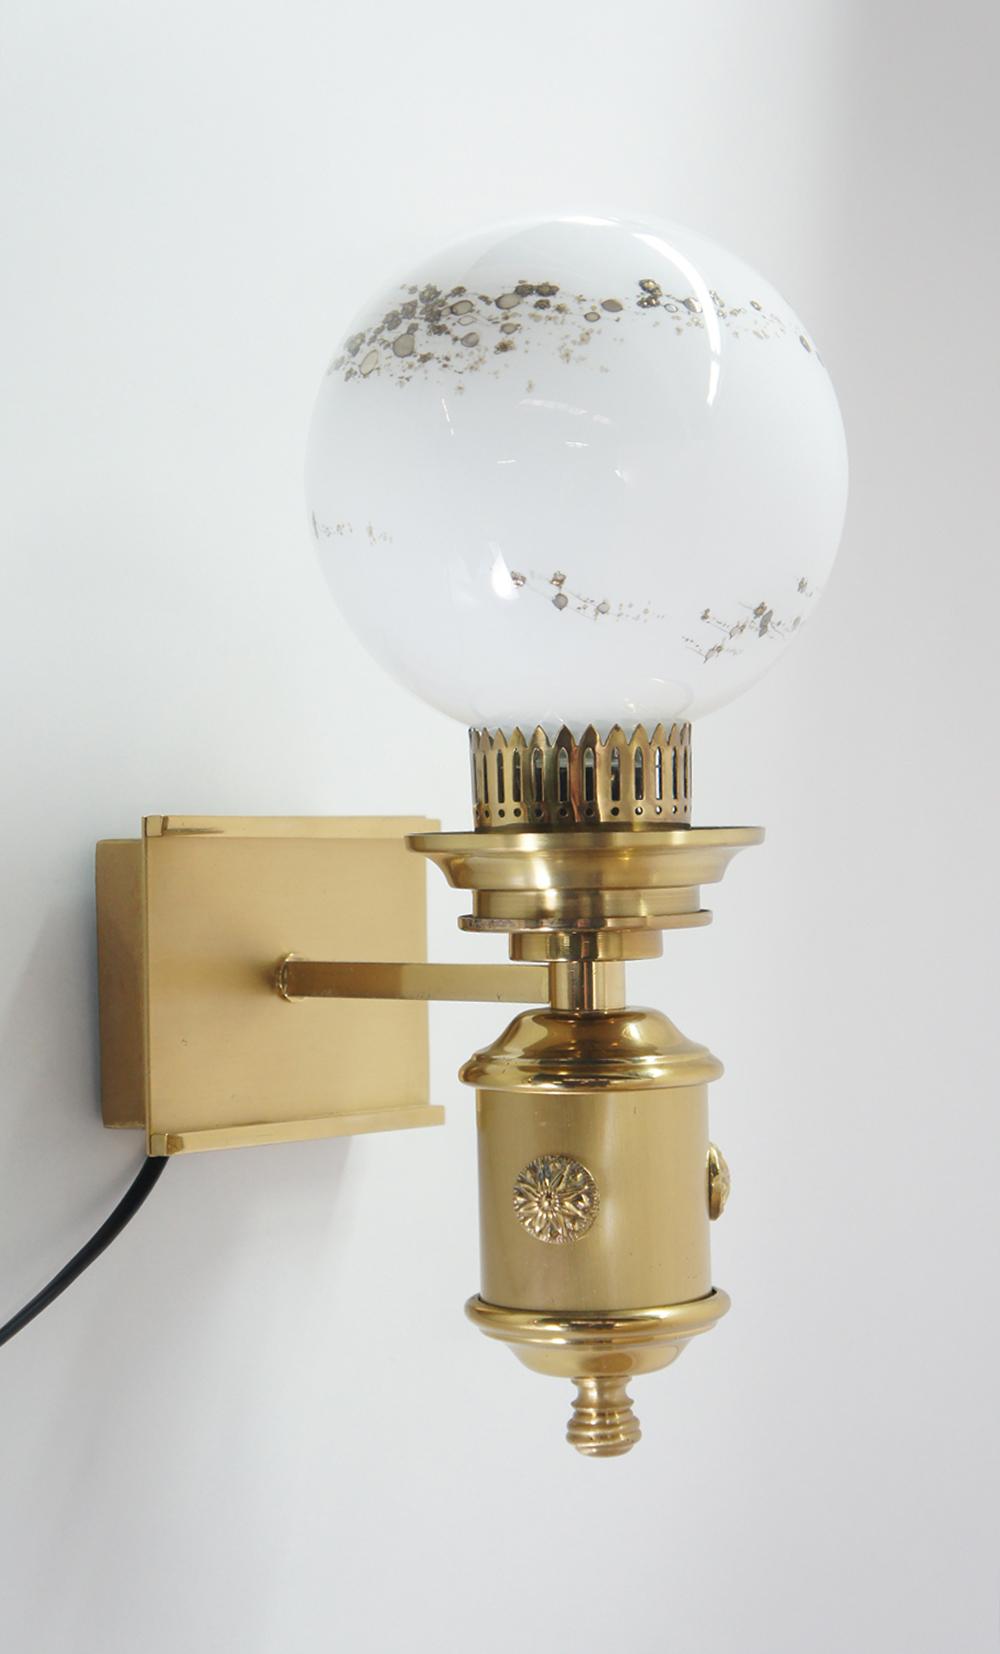 70er jahre wandlampe lampe leuchte messing 1 flammig glas milchig mit muster ebay. Black Bedroom Furniture Sets. Home Design Ideas